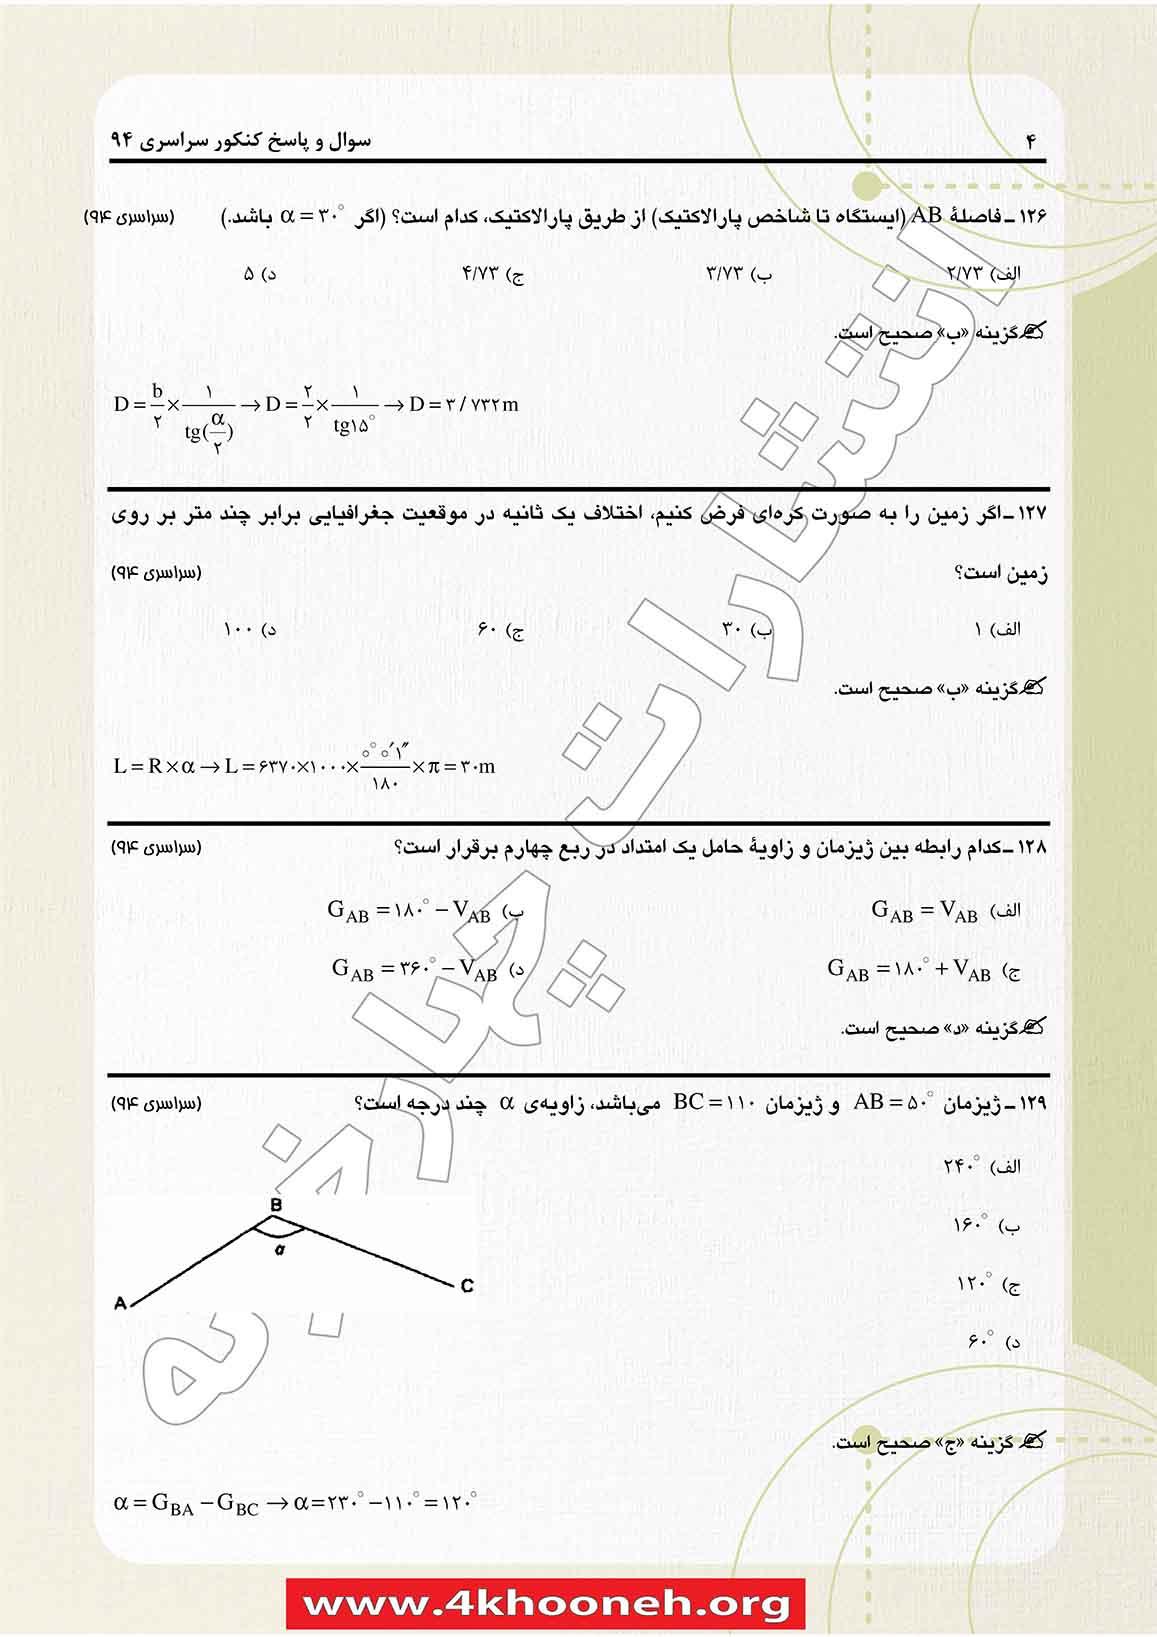 سوالات و پاسخنامه کنکور فنی حرفه ای نقشه برداری 94